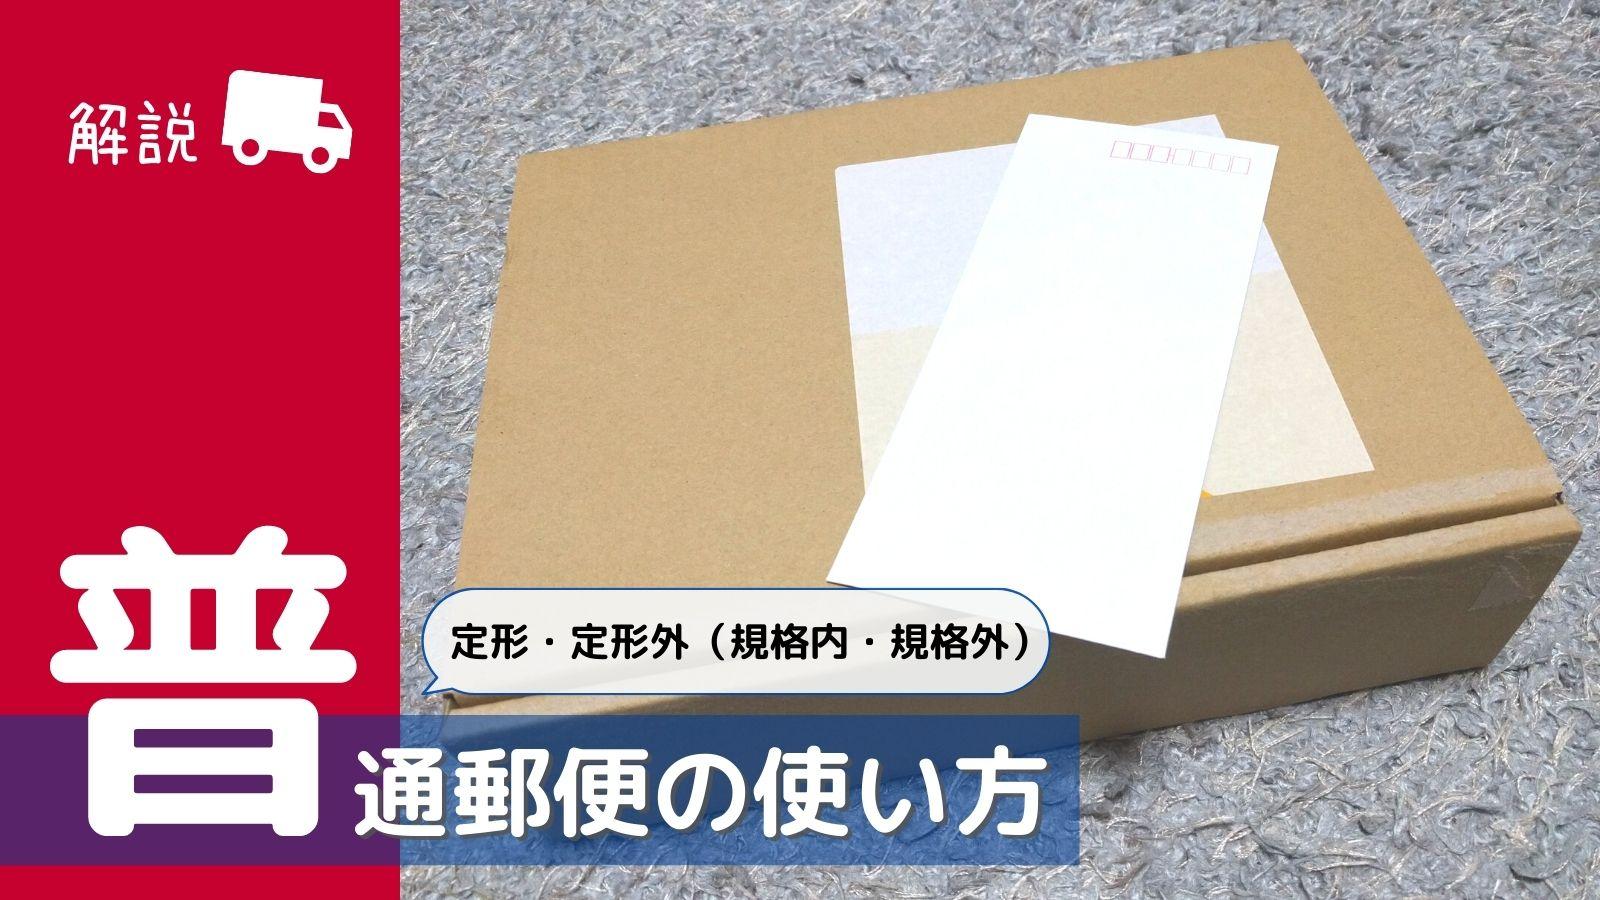 アイキャッチ画像普通郵便の概要・利用方法